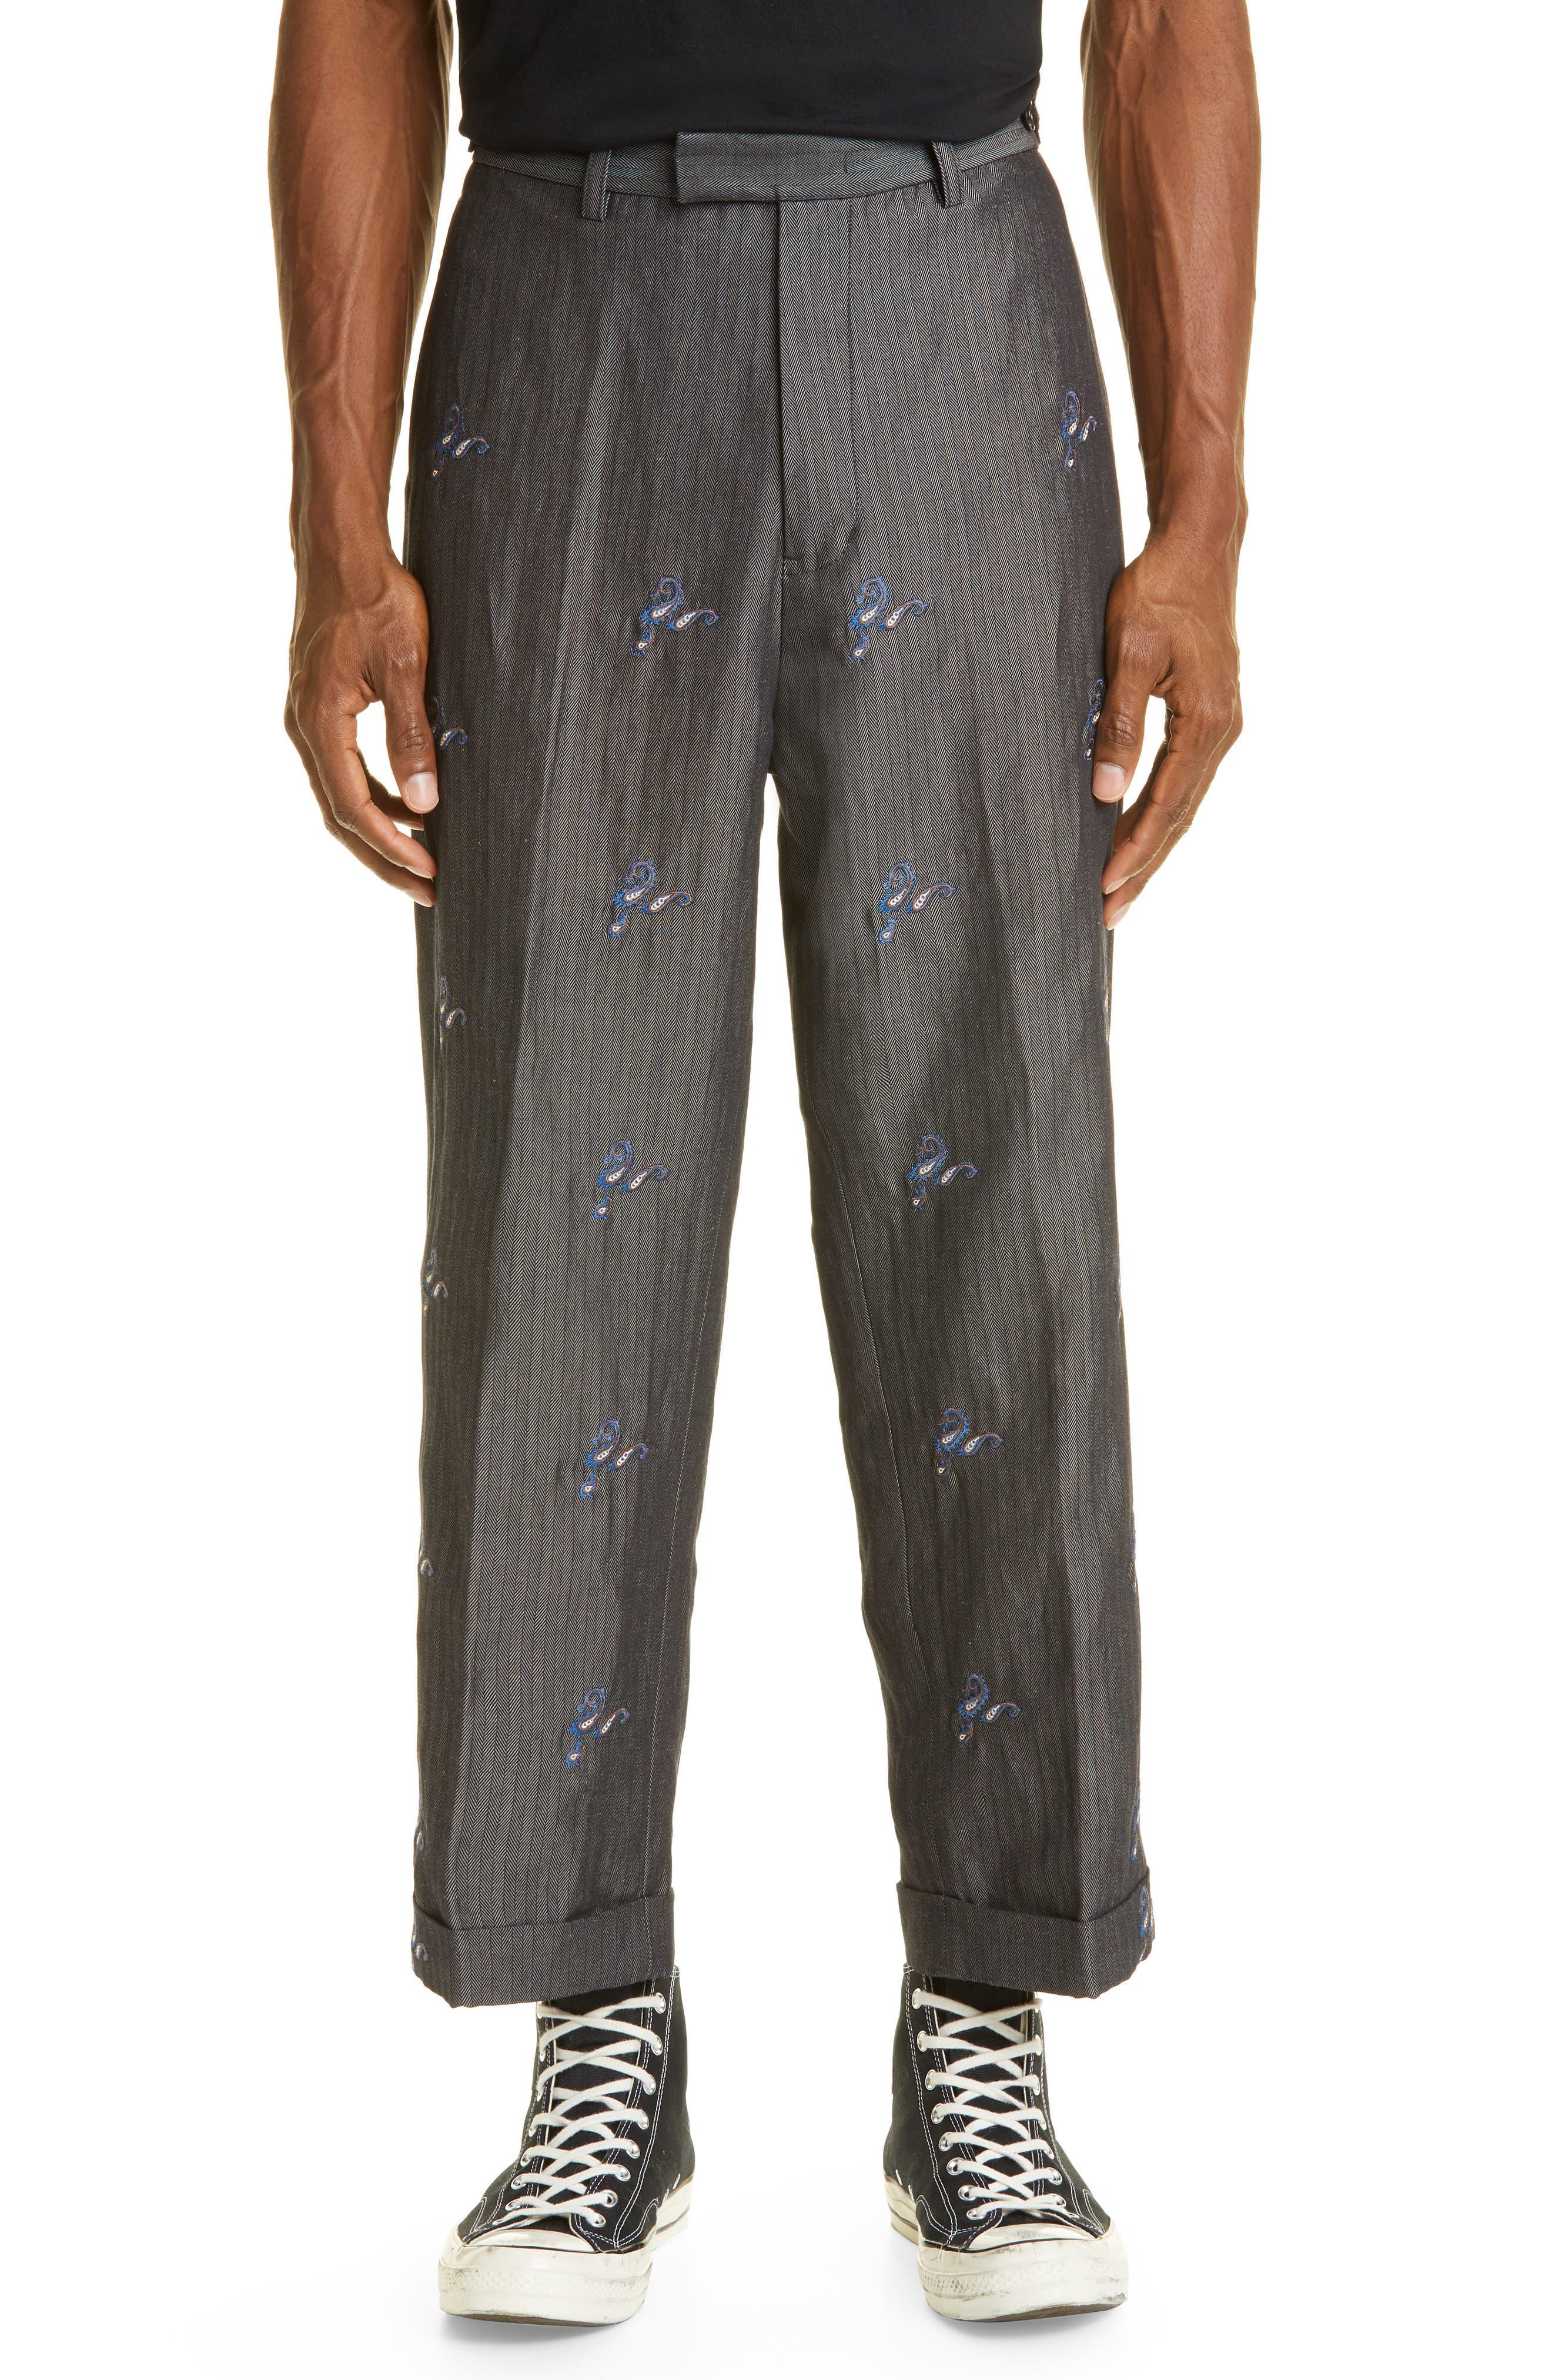 Embroidered Herringbone Crop Trousers